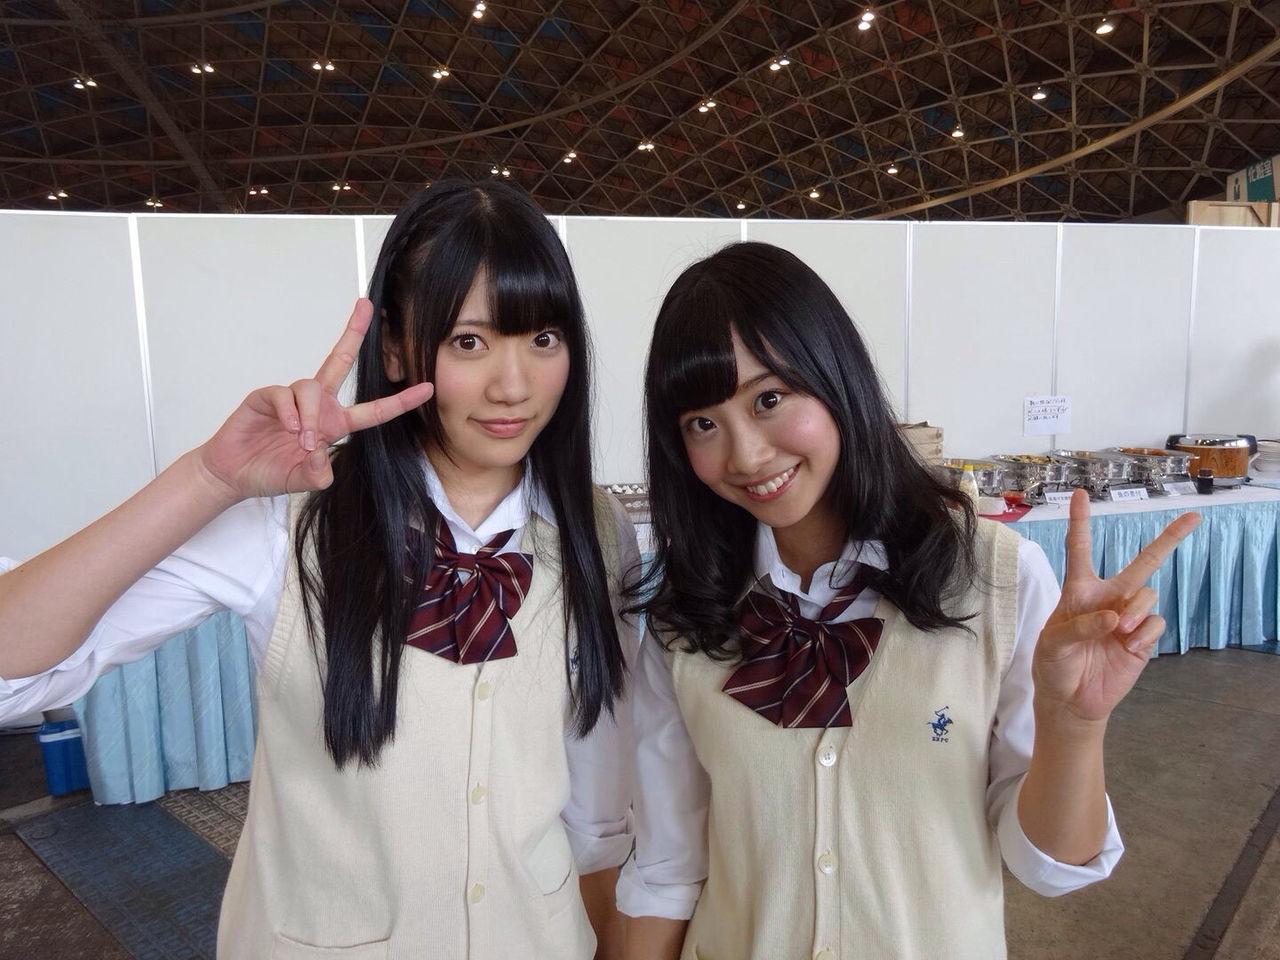 不仲の大親友・小林亜実の卒業にSKE48柴田阿弥「こあみに負けないよう ...